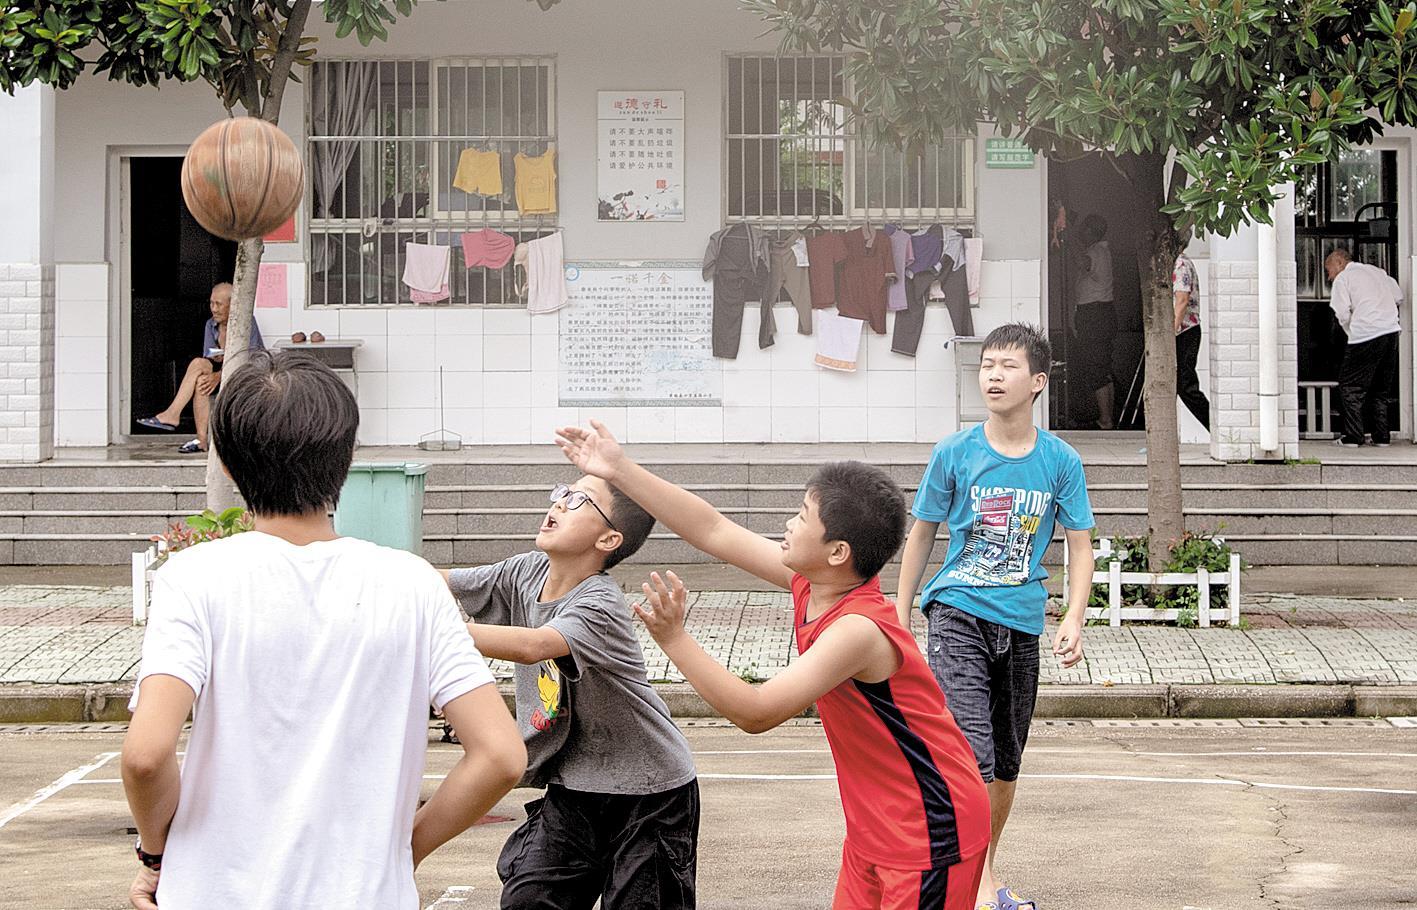 黄梅县确保受灾群众妥善安置